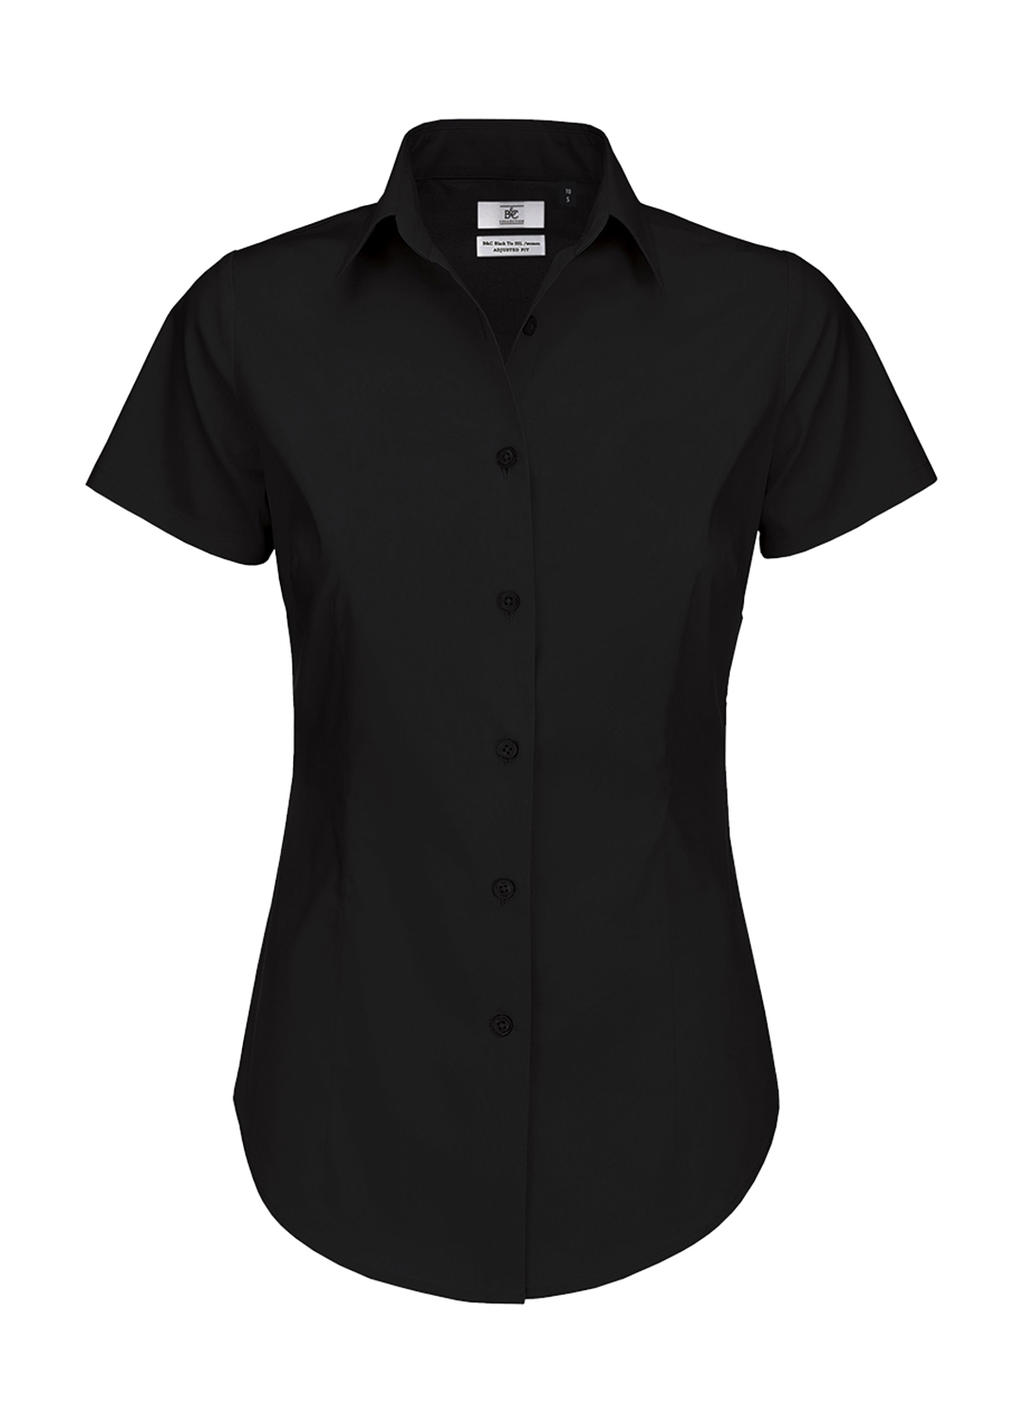 Dámská popelínová košile Elastane s krátkým rukáve - zvìtšit obrázek